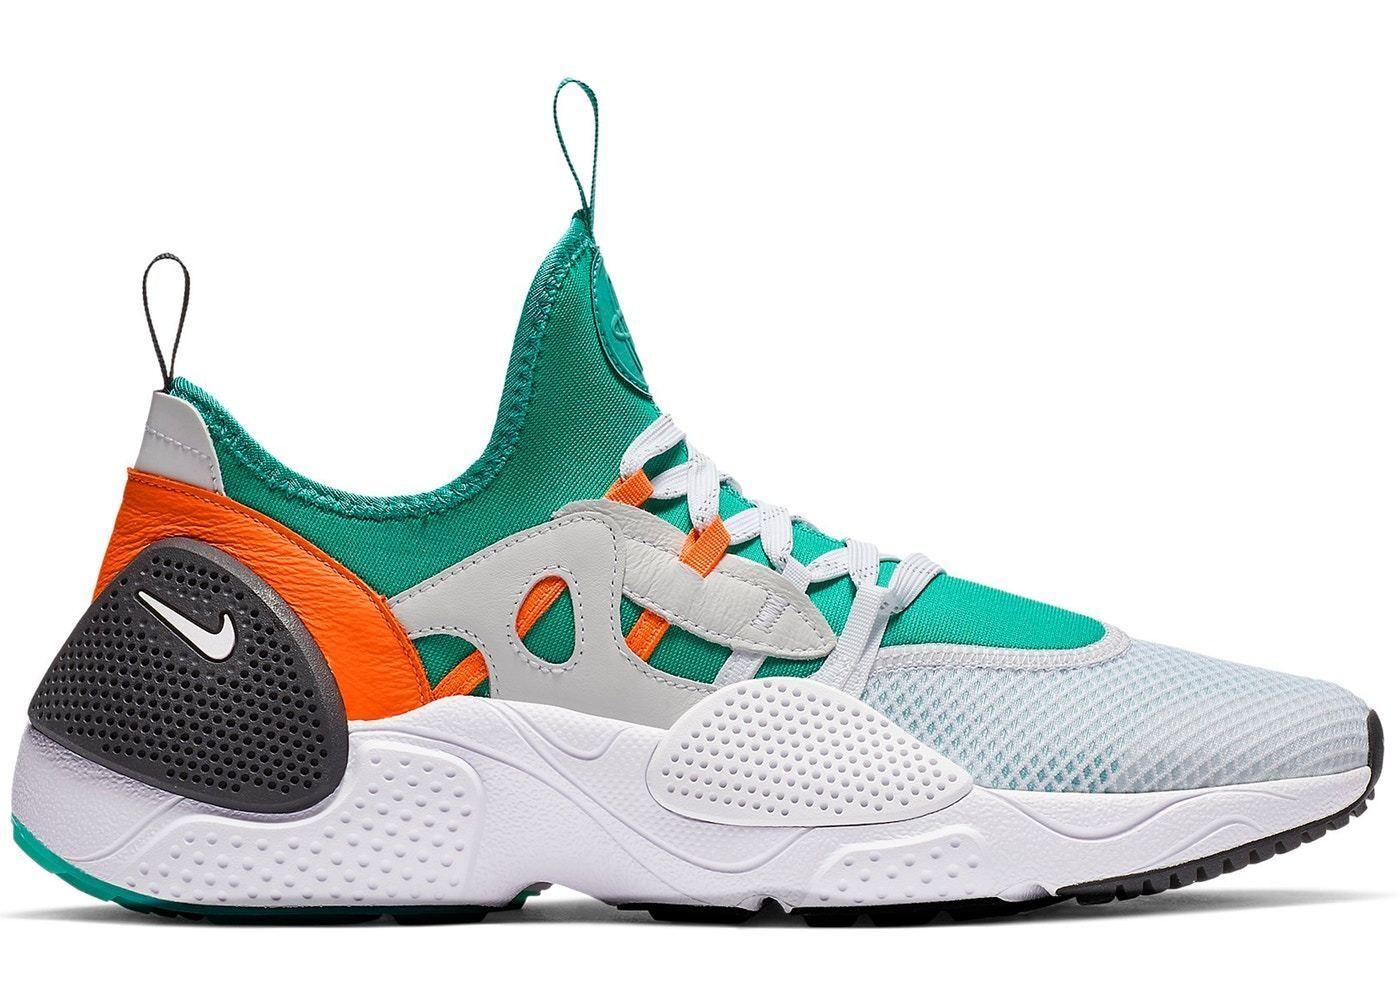 Mens Nike Huarache E.D.G.E TXT QS Weiß Clear Emerald Total Orange BQ5206-100